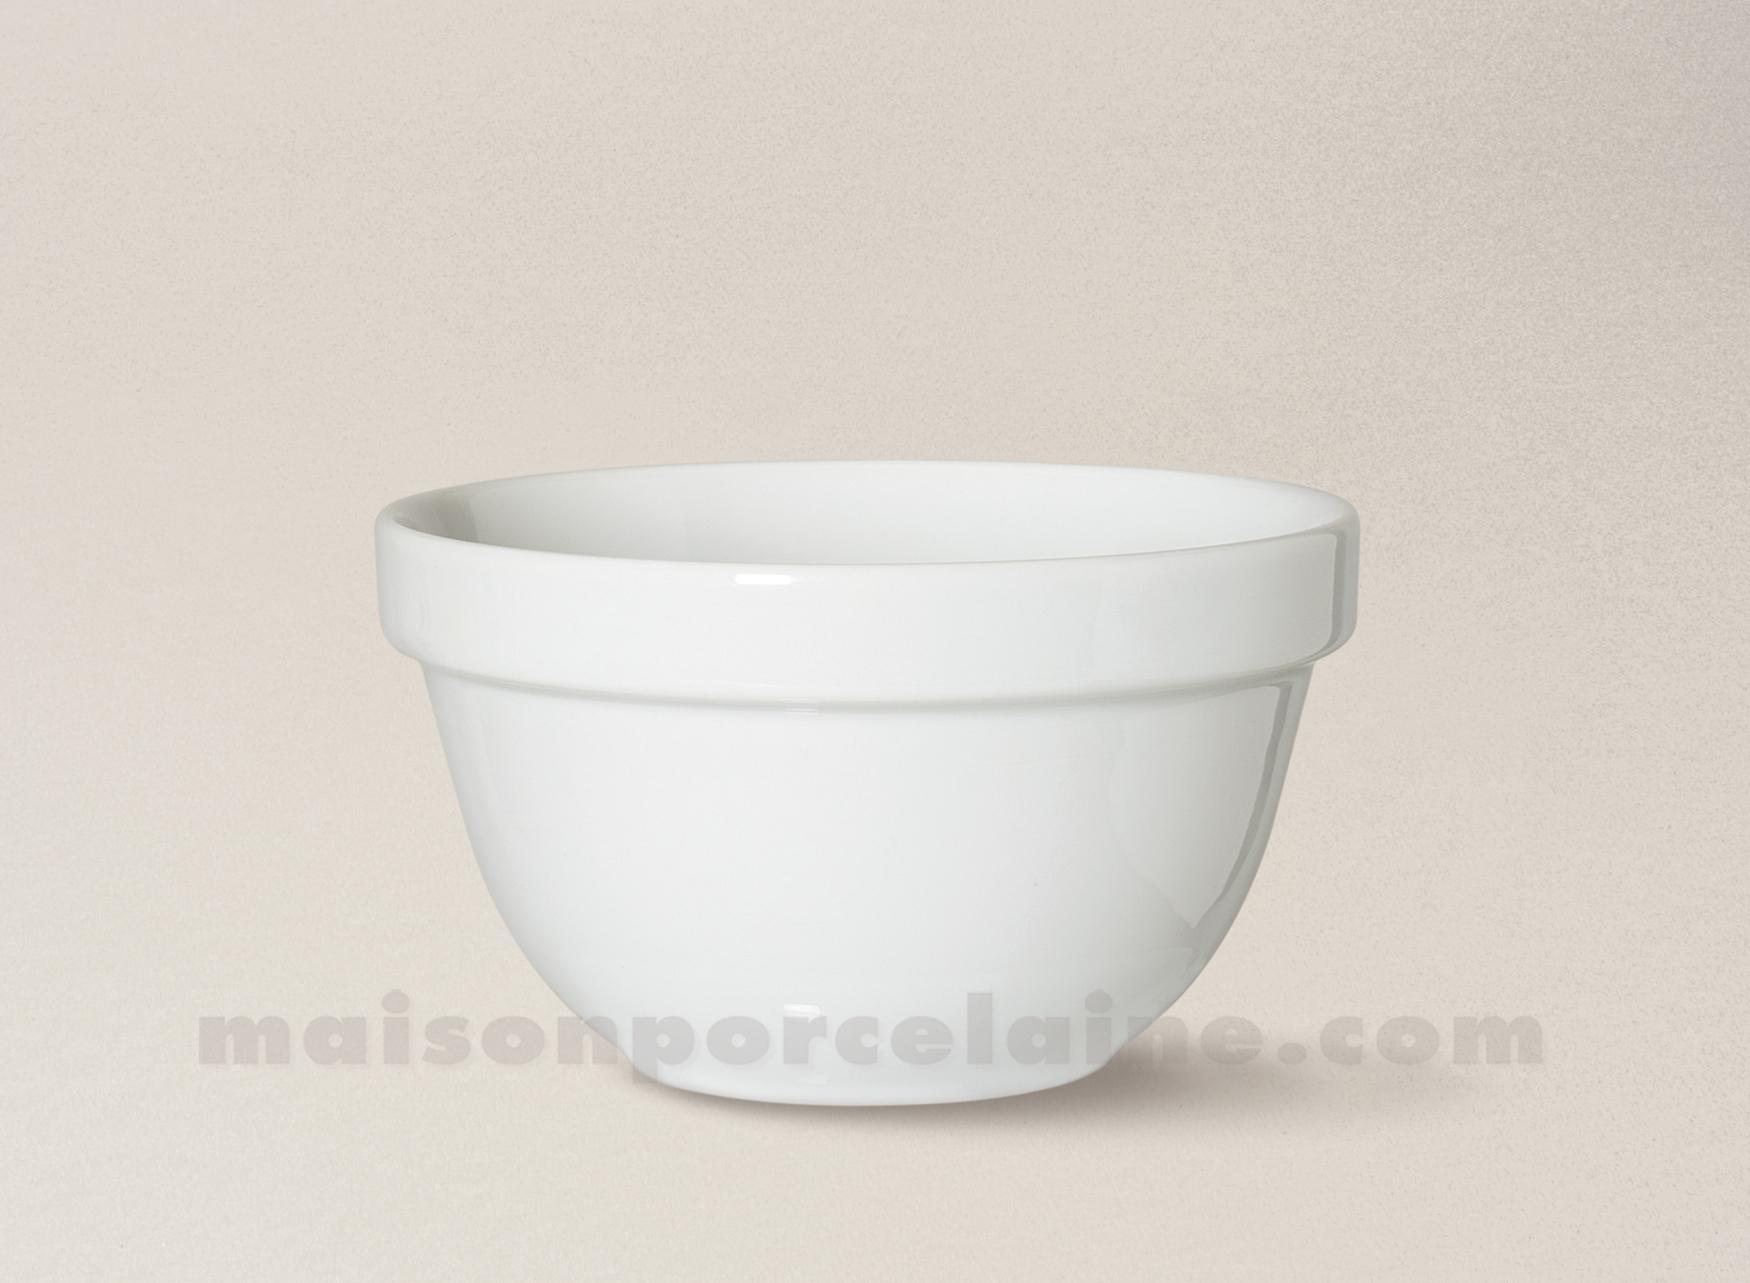 Bol empilable porcelaine blanche 8 5x5 maison de la for Maison de la porcelaine